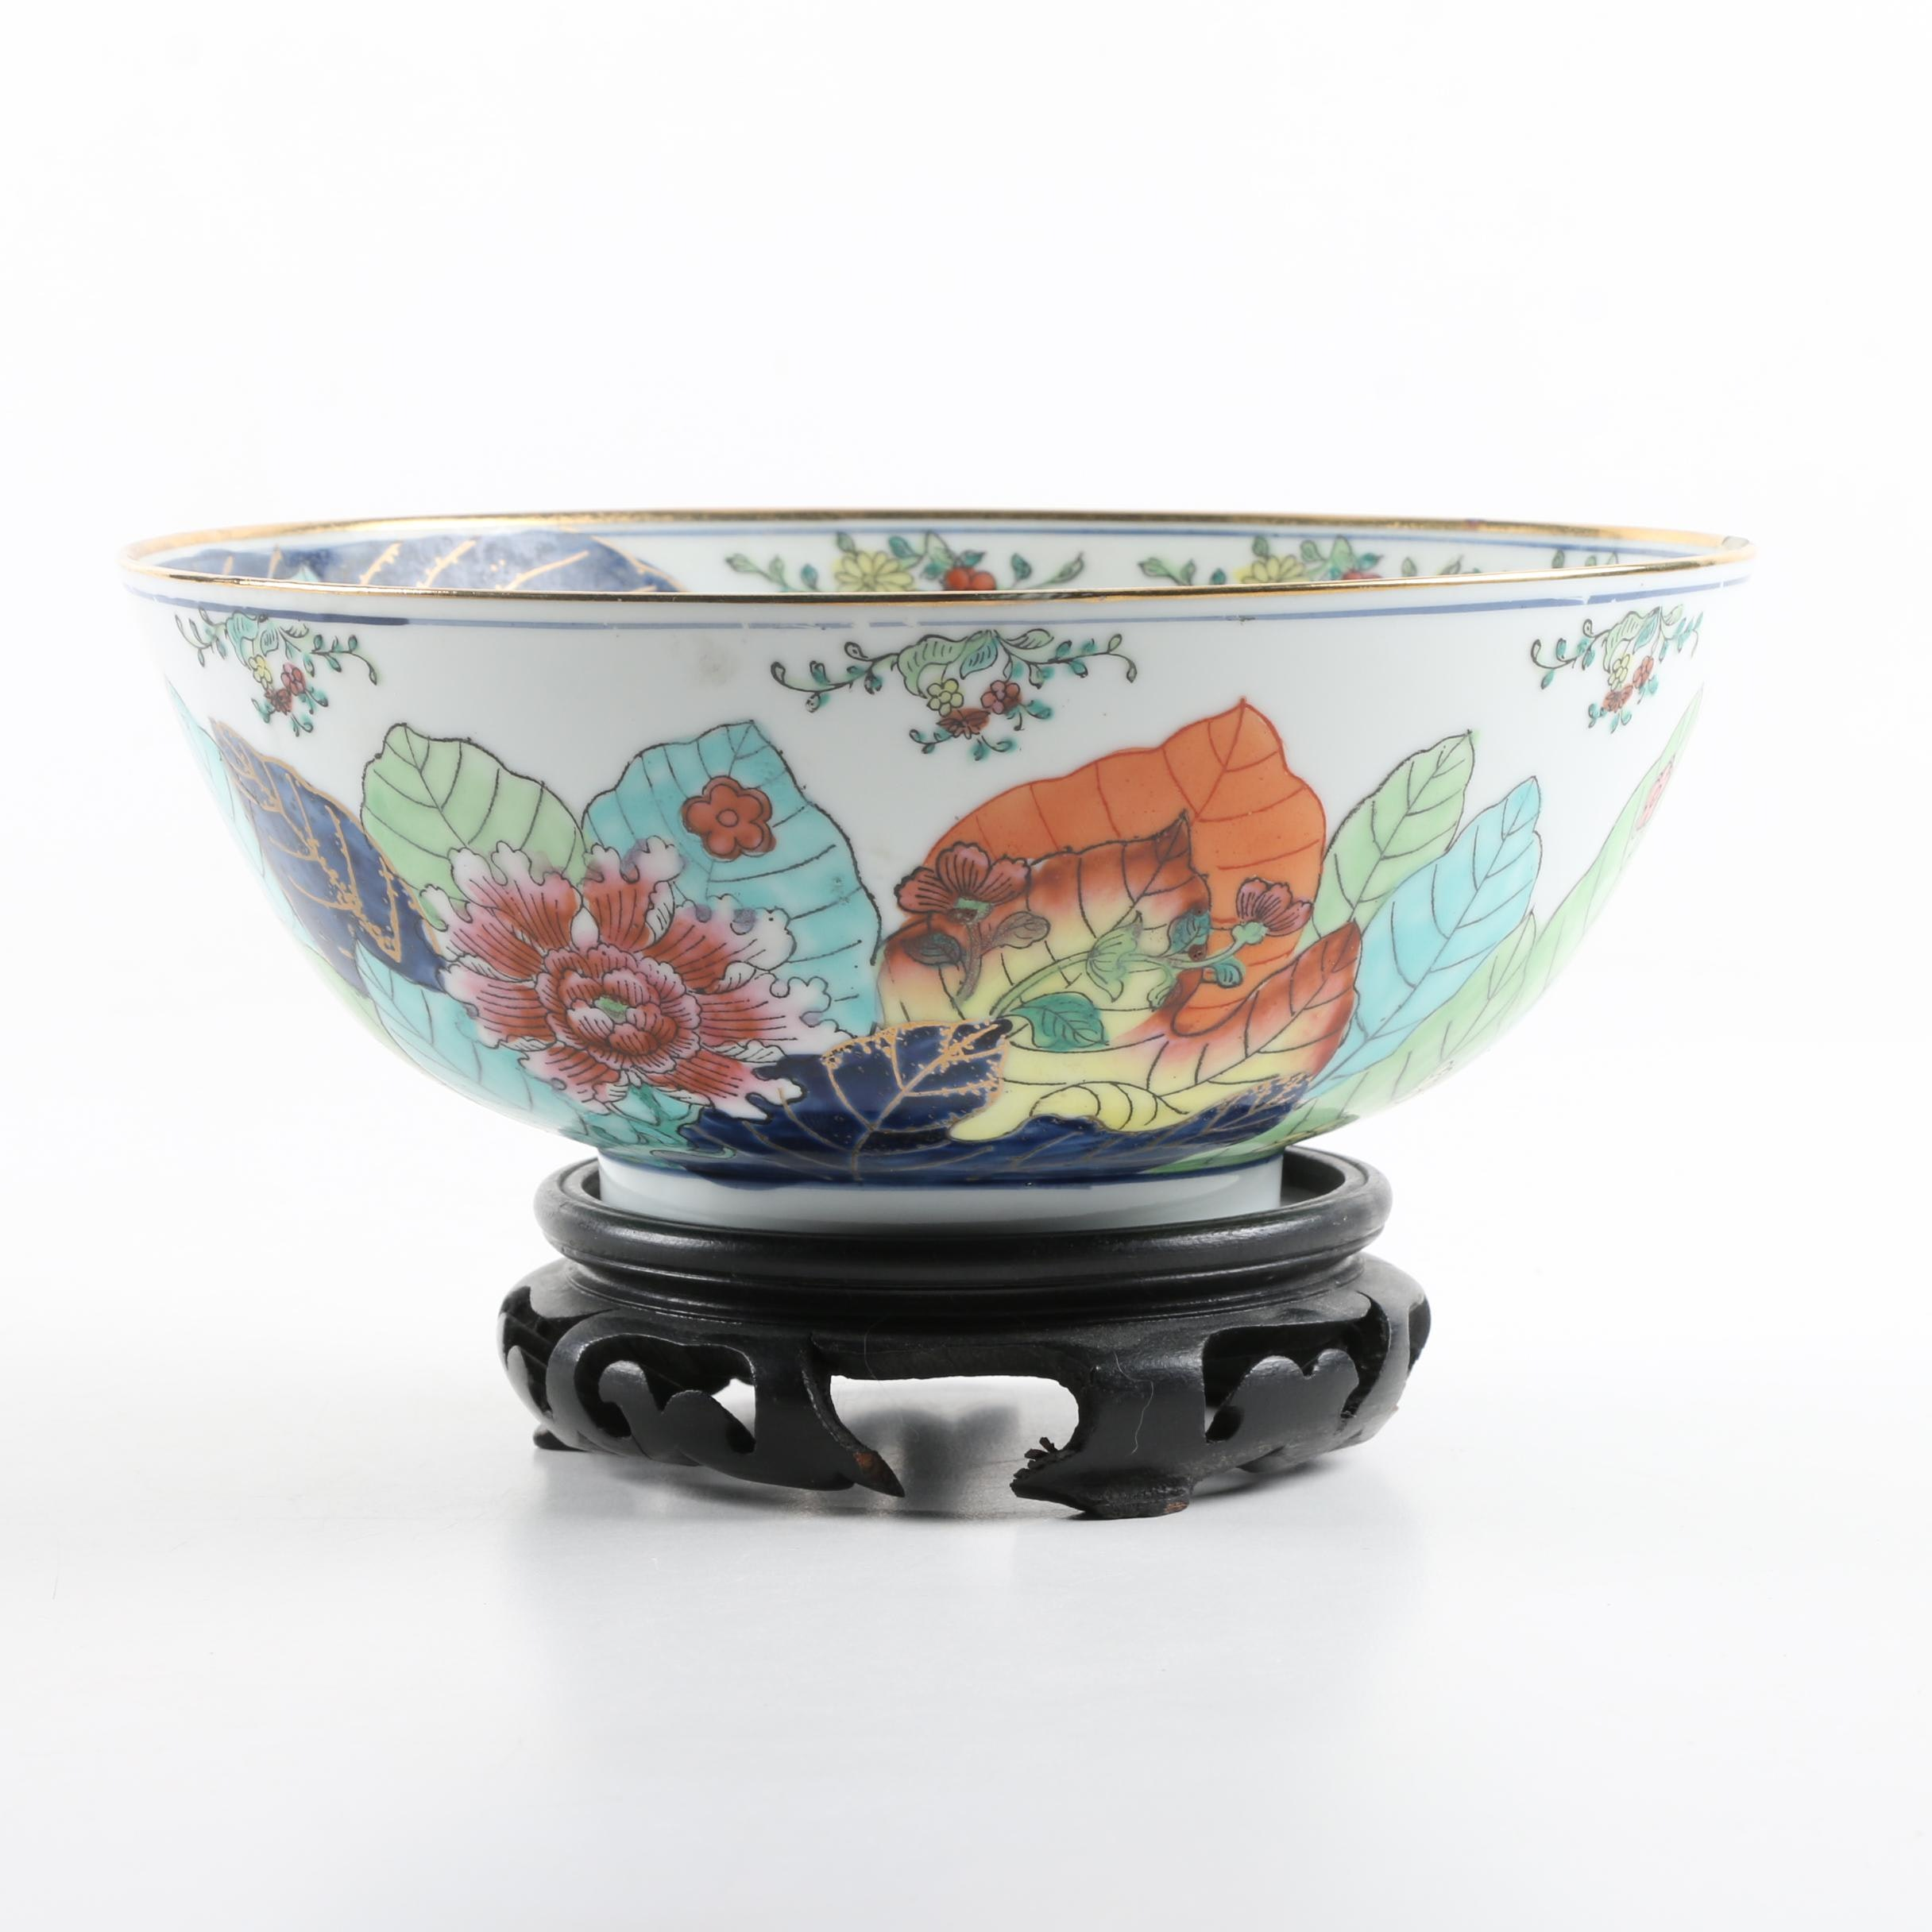 Vintage Chinese Hand-embellished Porcelain Bowl